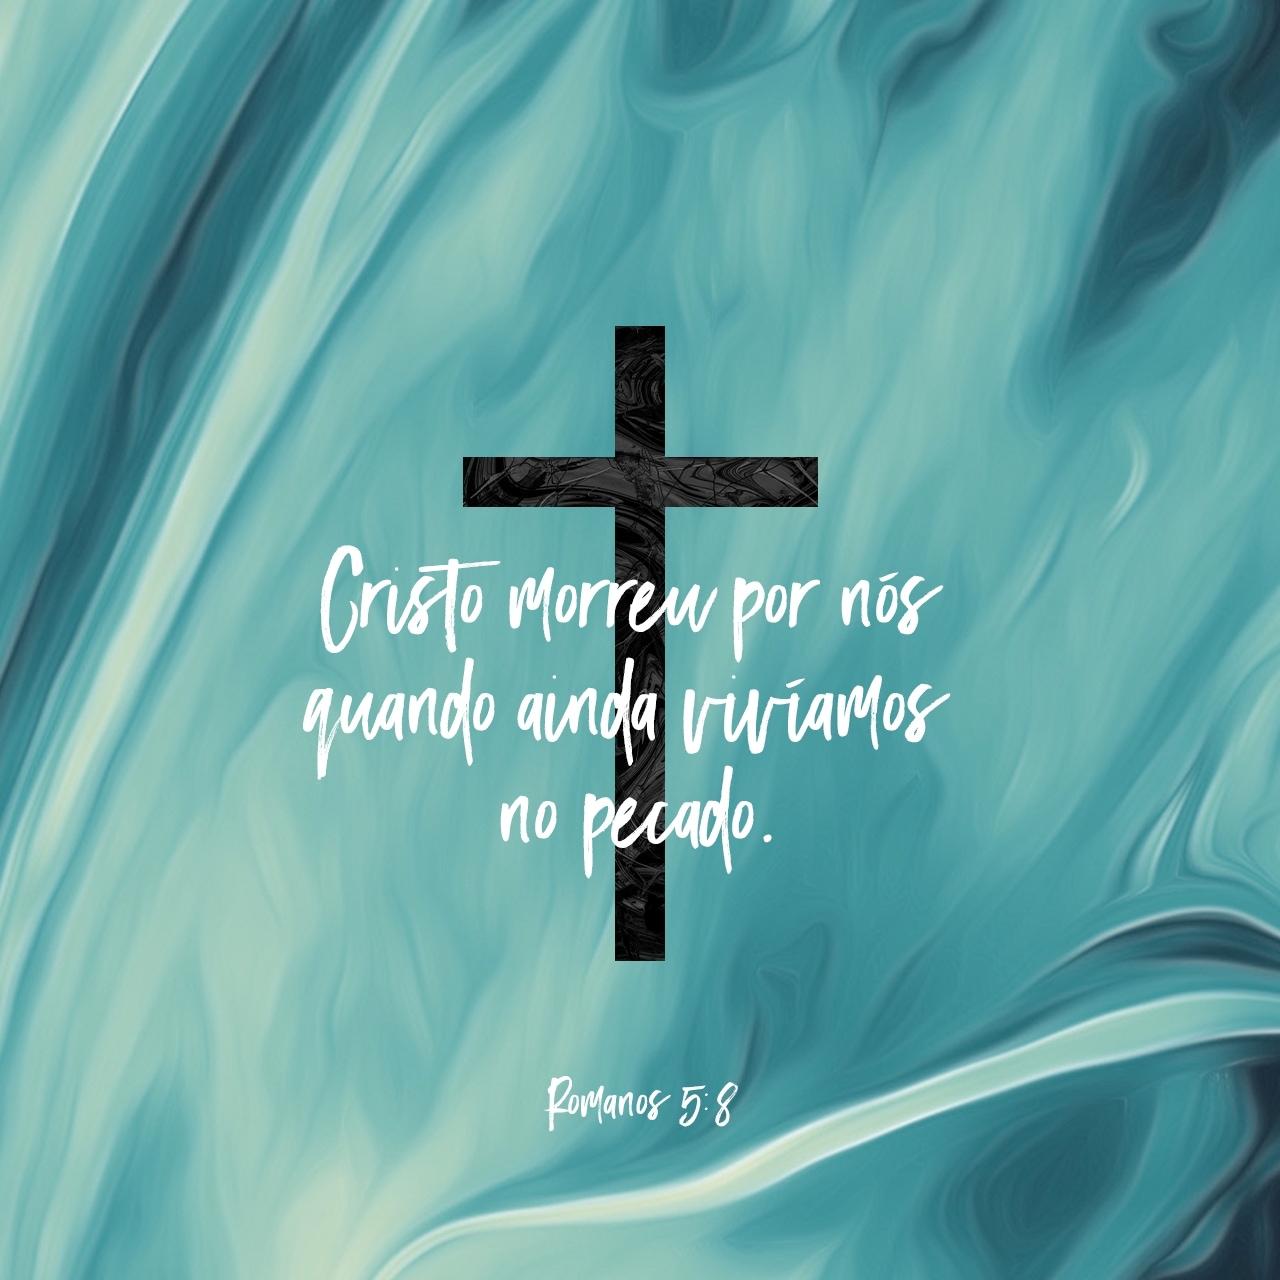 Imagem do Versículo de Romanos 5:8